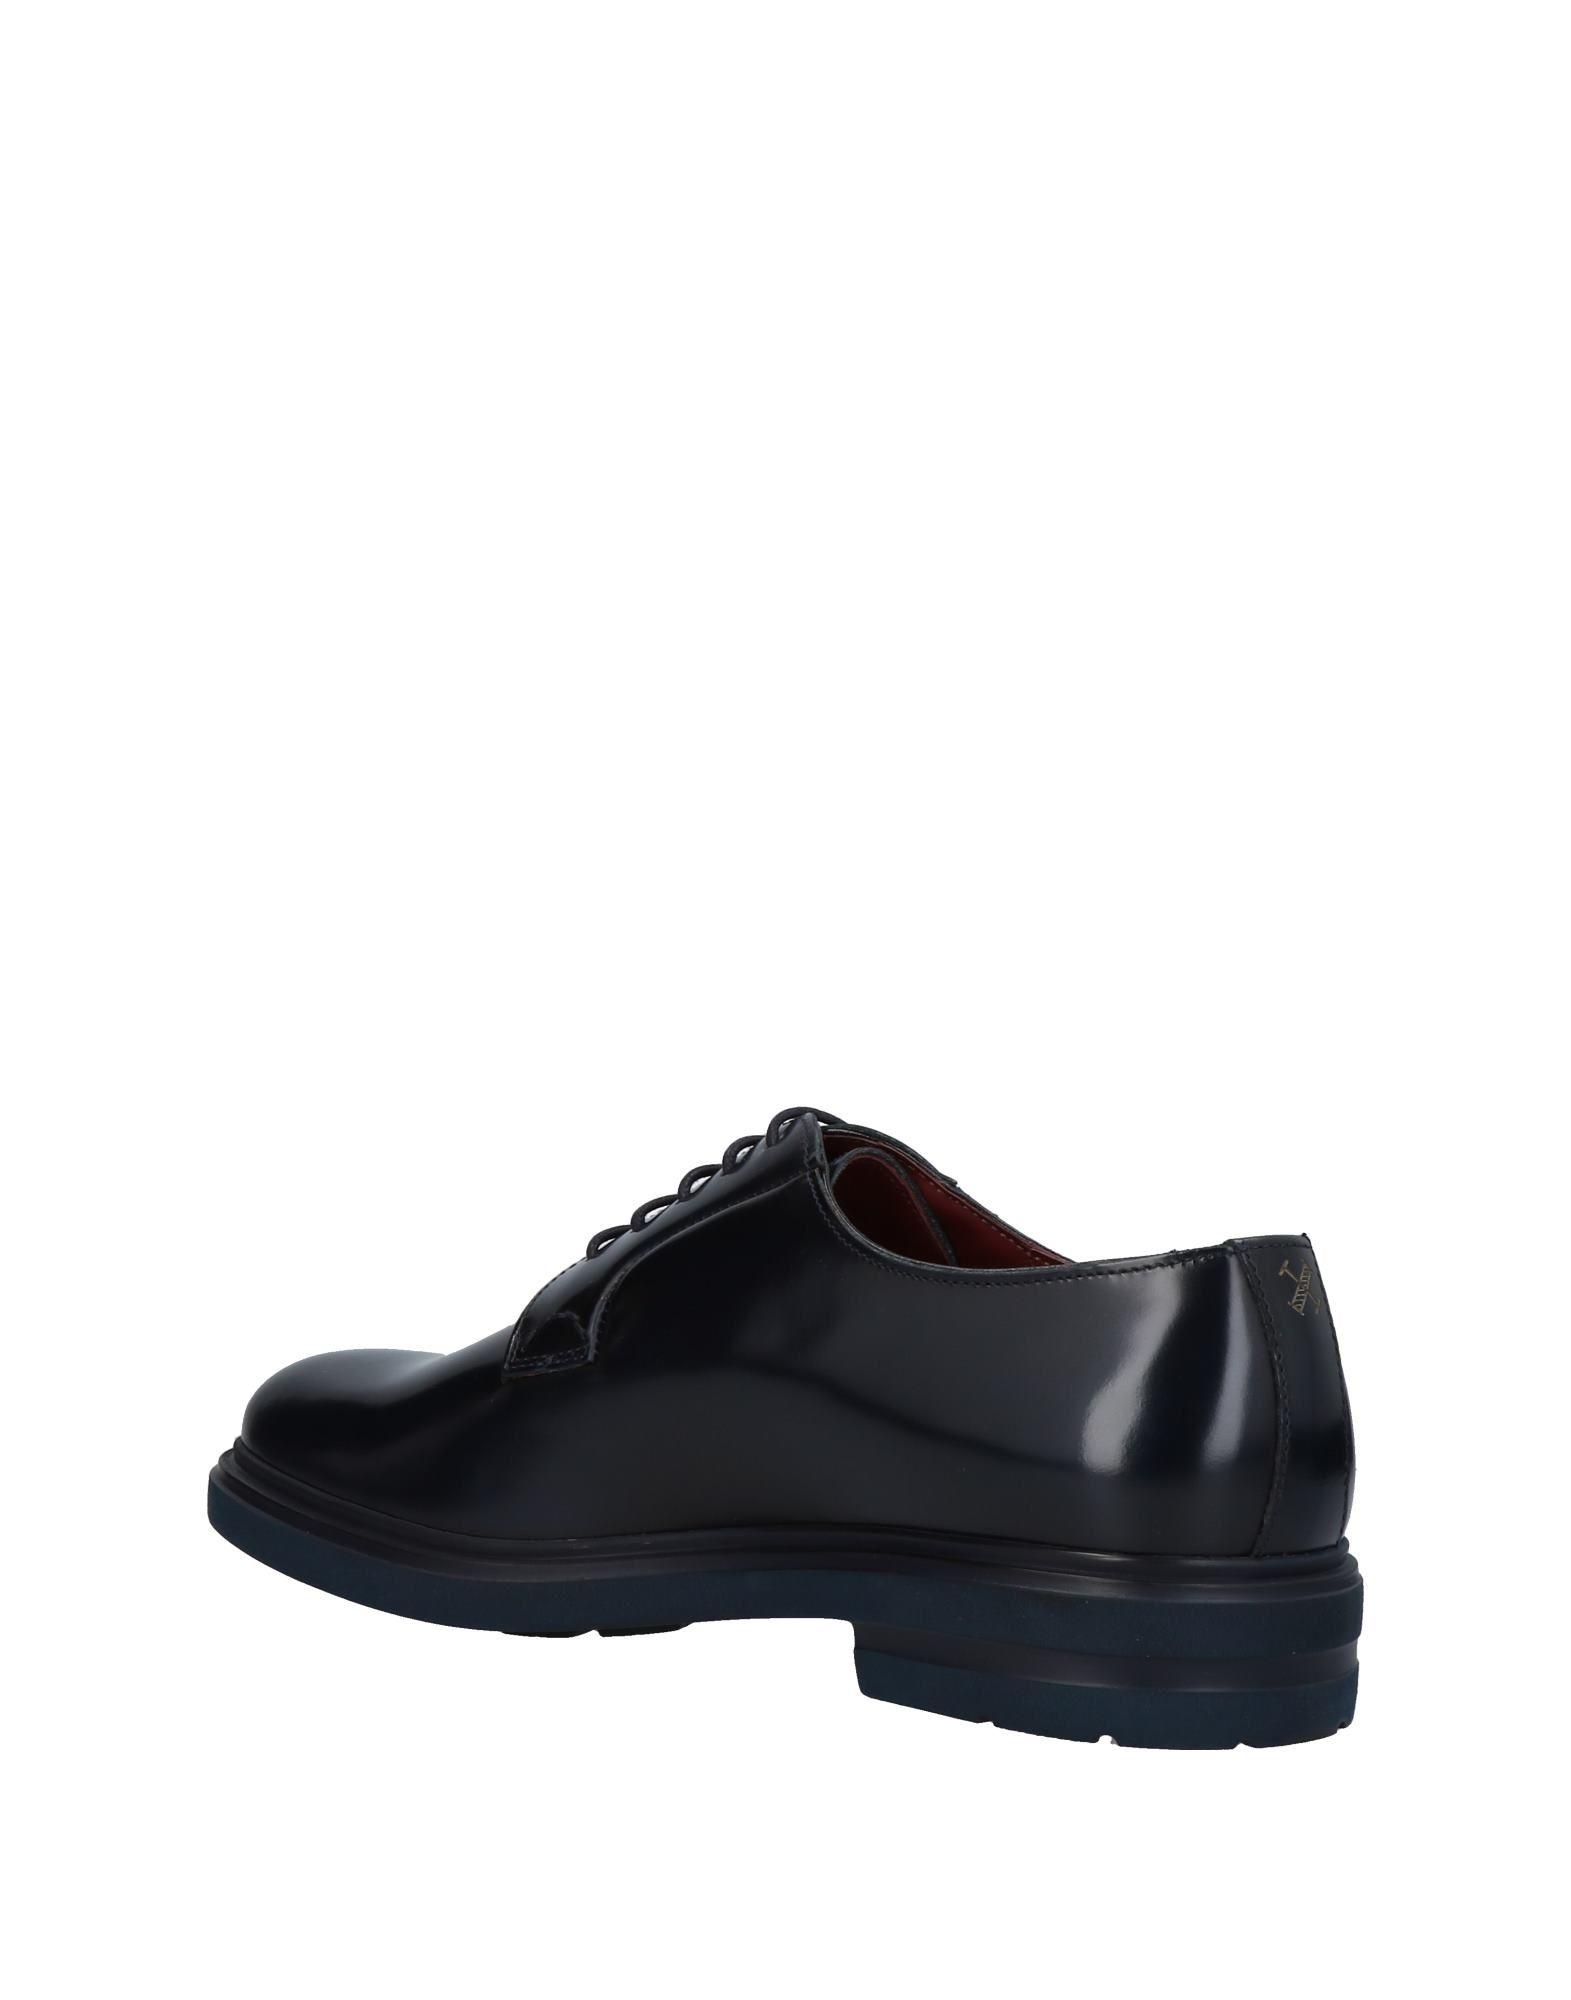 Alexander Trend Schnürschuhe Herren  11454558VA Gute Qualität beliebte Schuhe